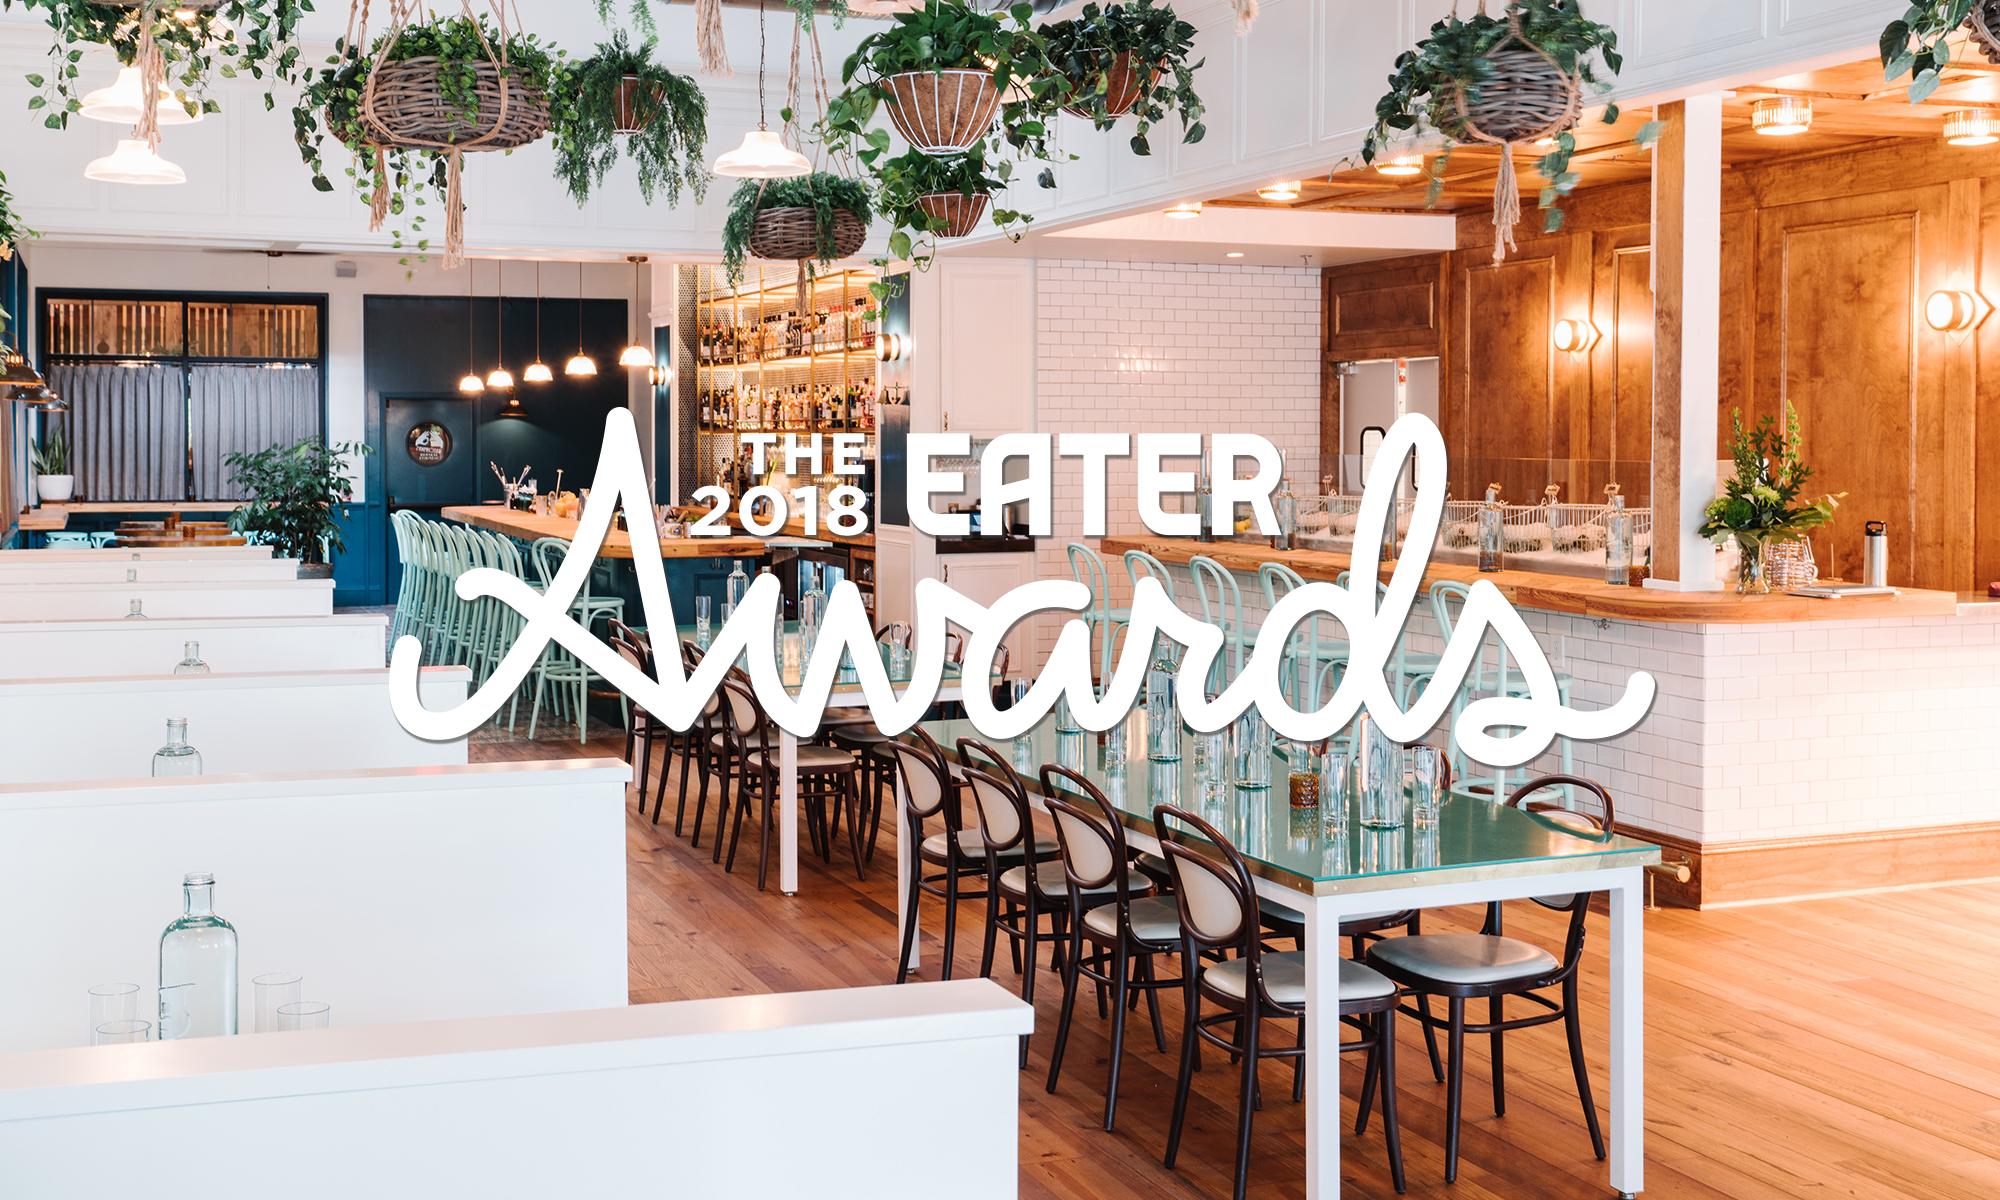 Atlanta's 2018 Eater Award Winners